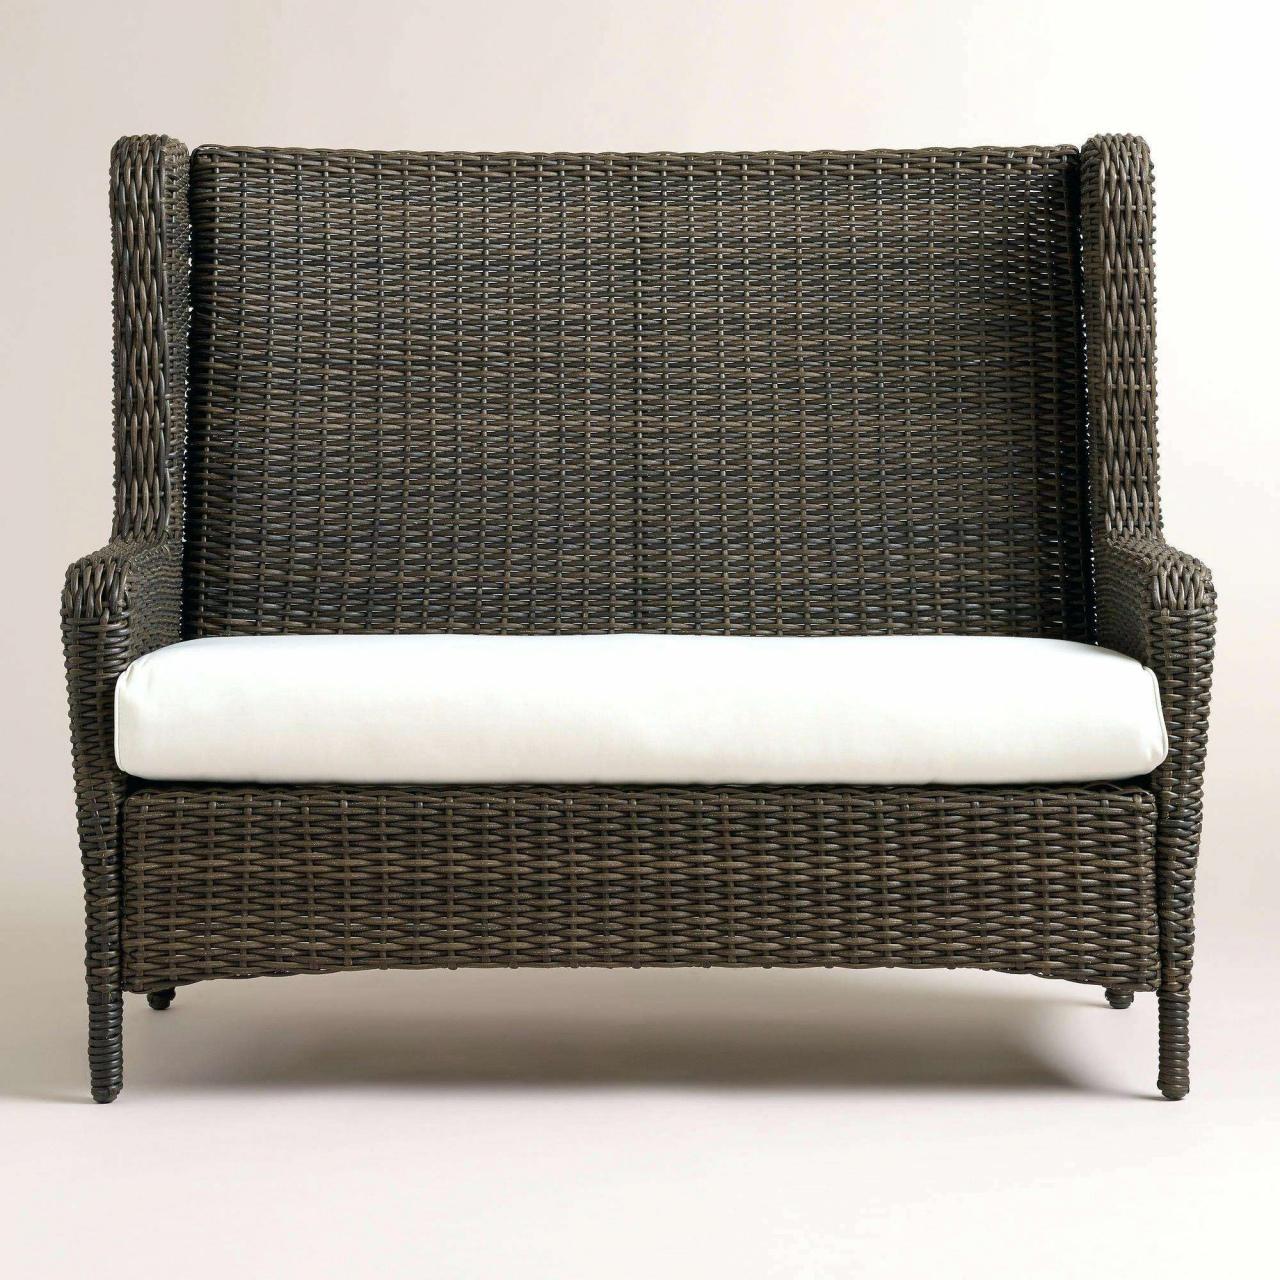 gravel patio rattan sofa garten luxus recliner wicker outdoor sofa 0d patio durch gravel patio